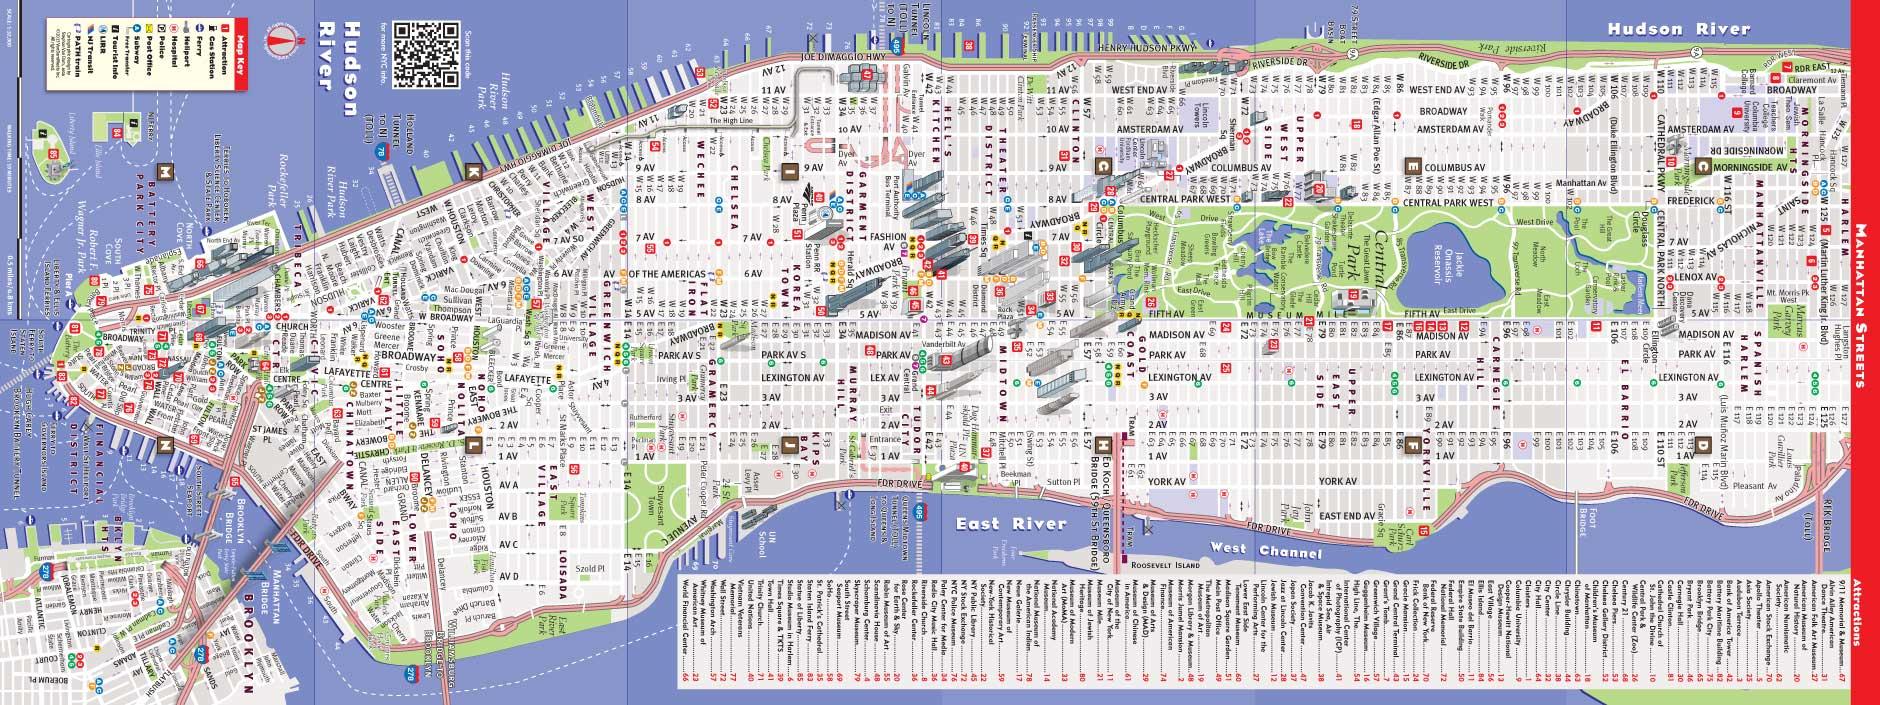 Printable New York Street Map | Travel Maps And Major Tourist - New York Printable Map Pdf